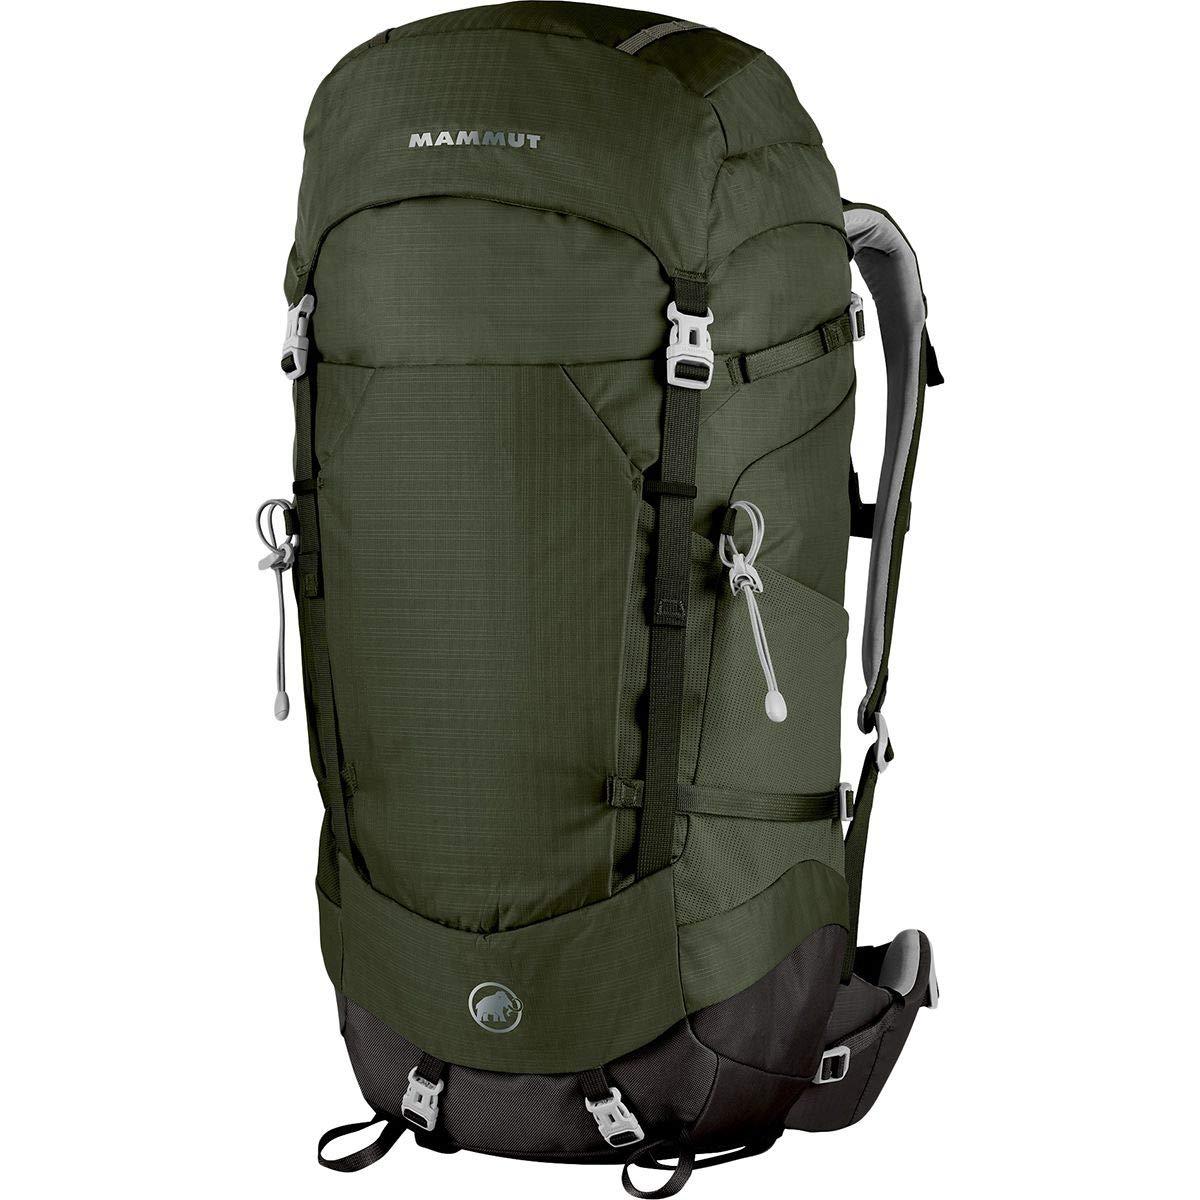 (マムート) Mammut Lithium Crest 50+7L Backpackメンズ バックパック リュック Iguana/Graphite [並行輸入品] One Size  B07K442VX9